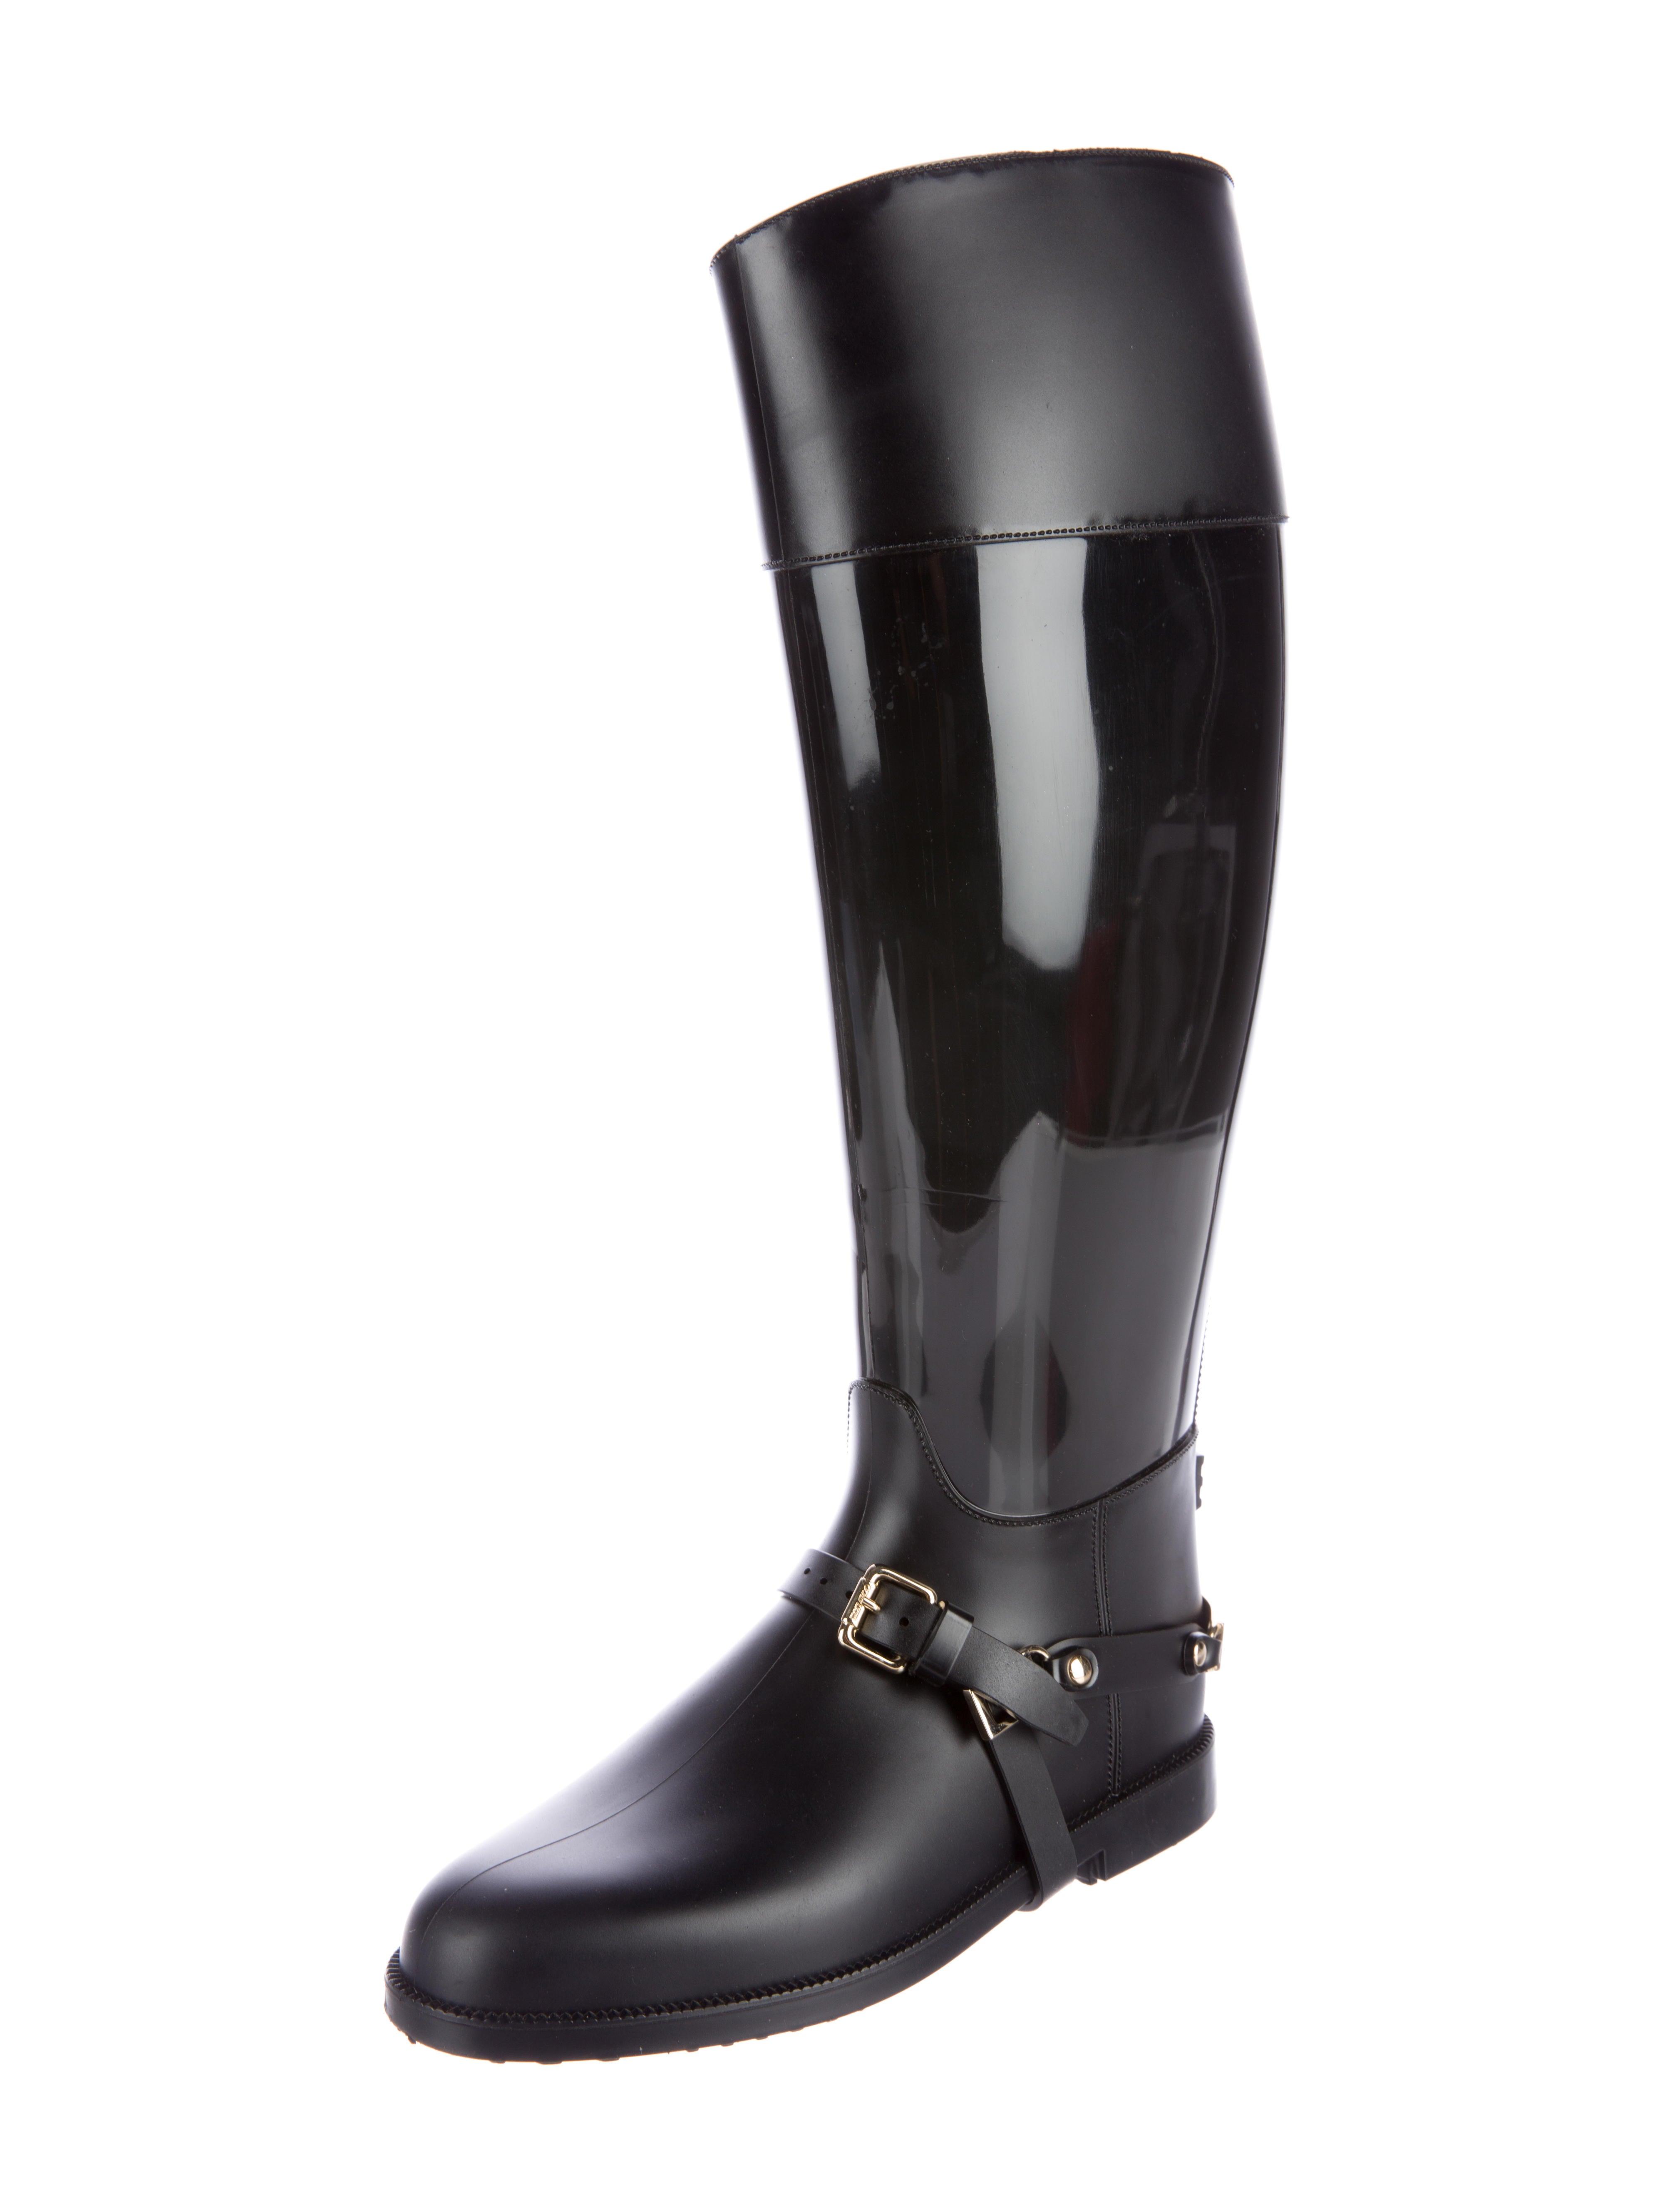 fc7d03902e3 Jimmy Choo Rain Boots Sale